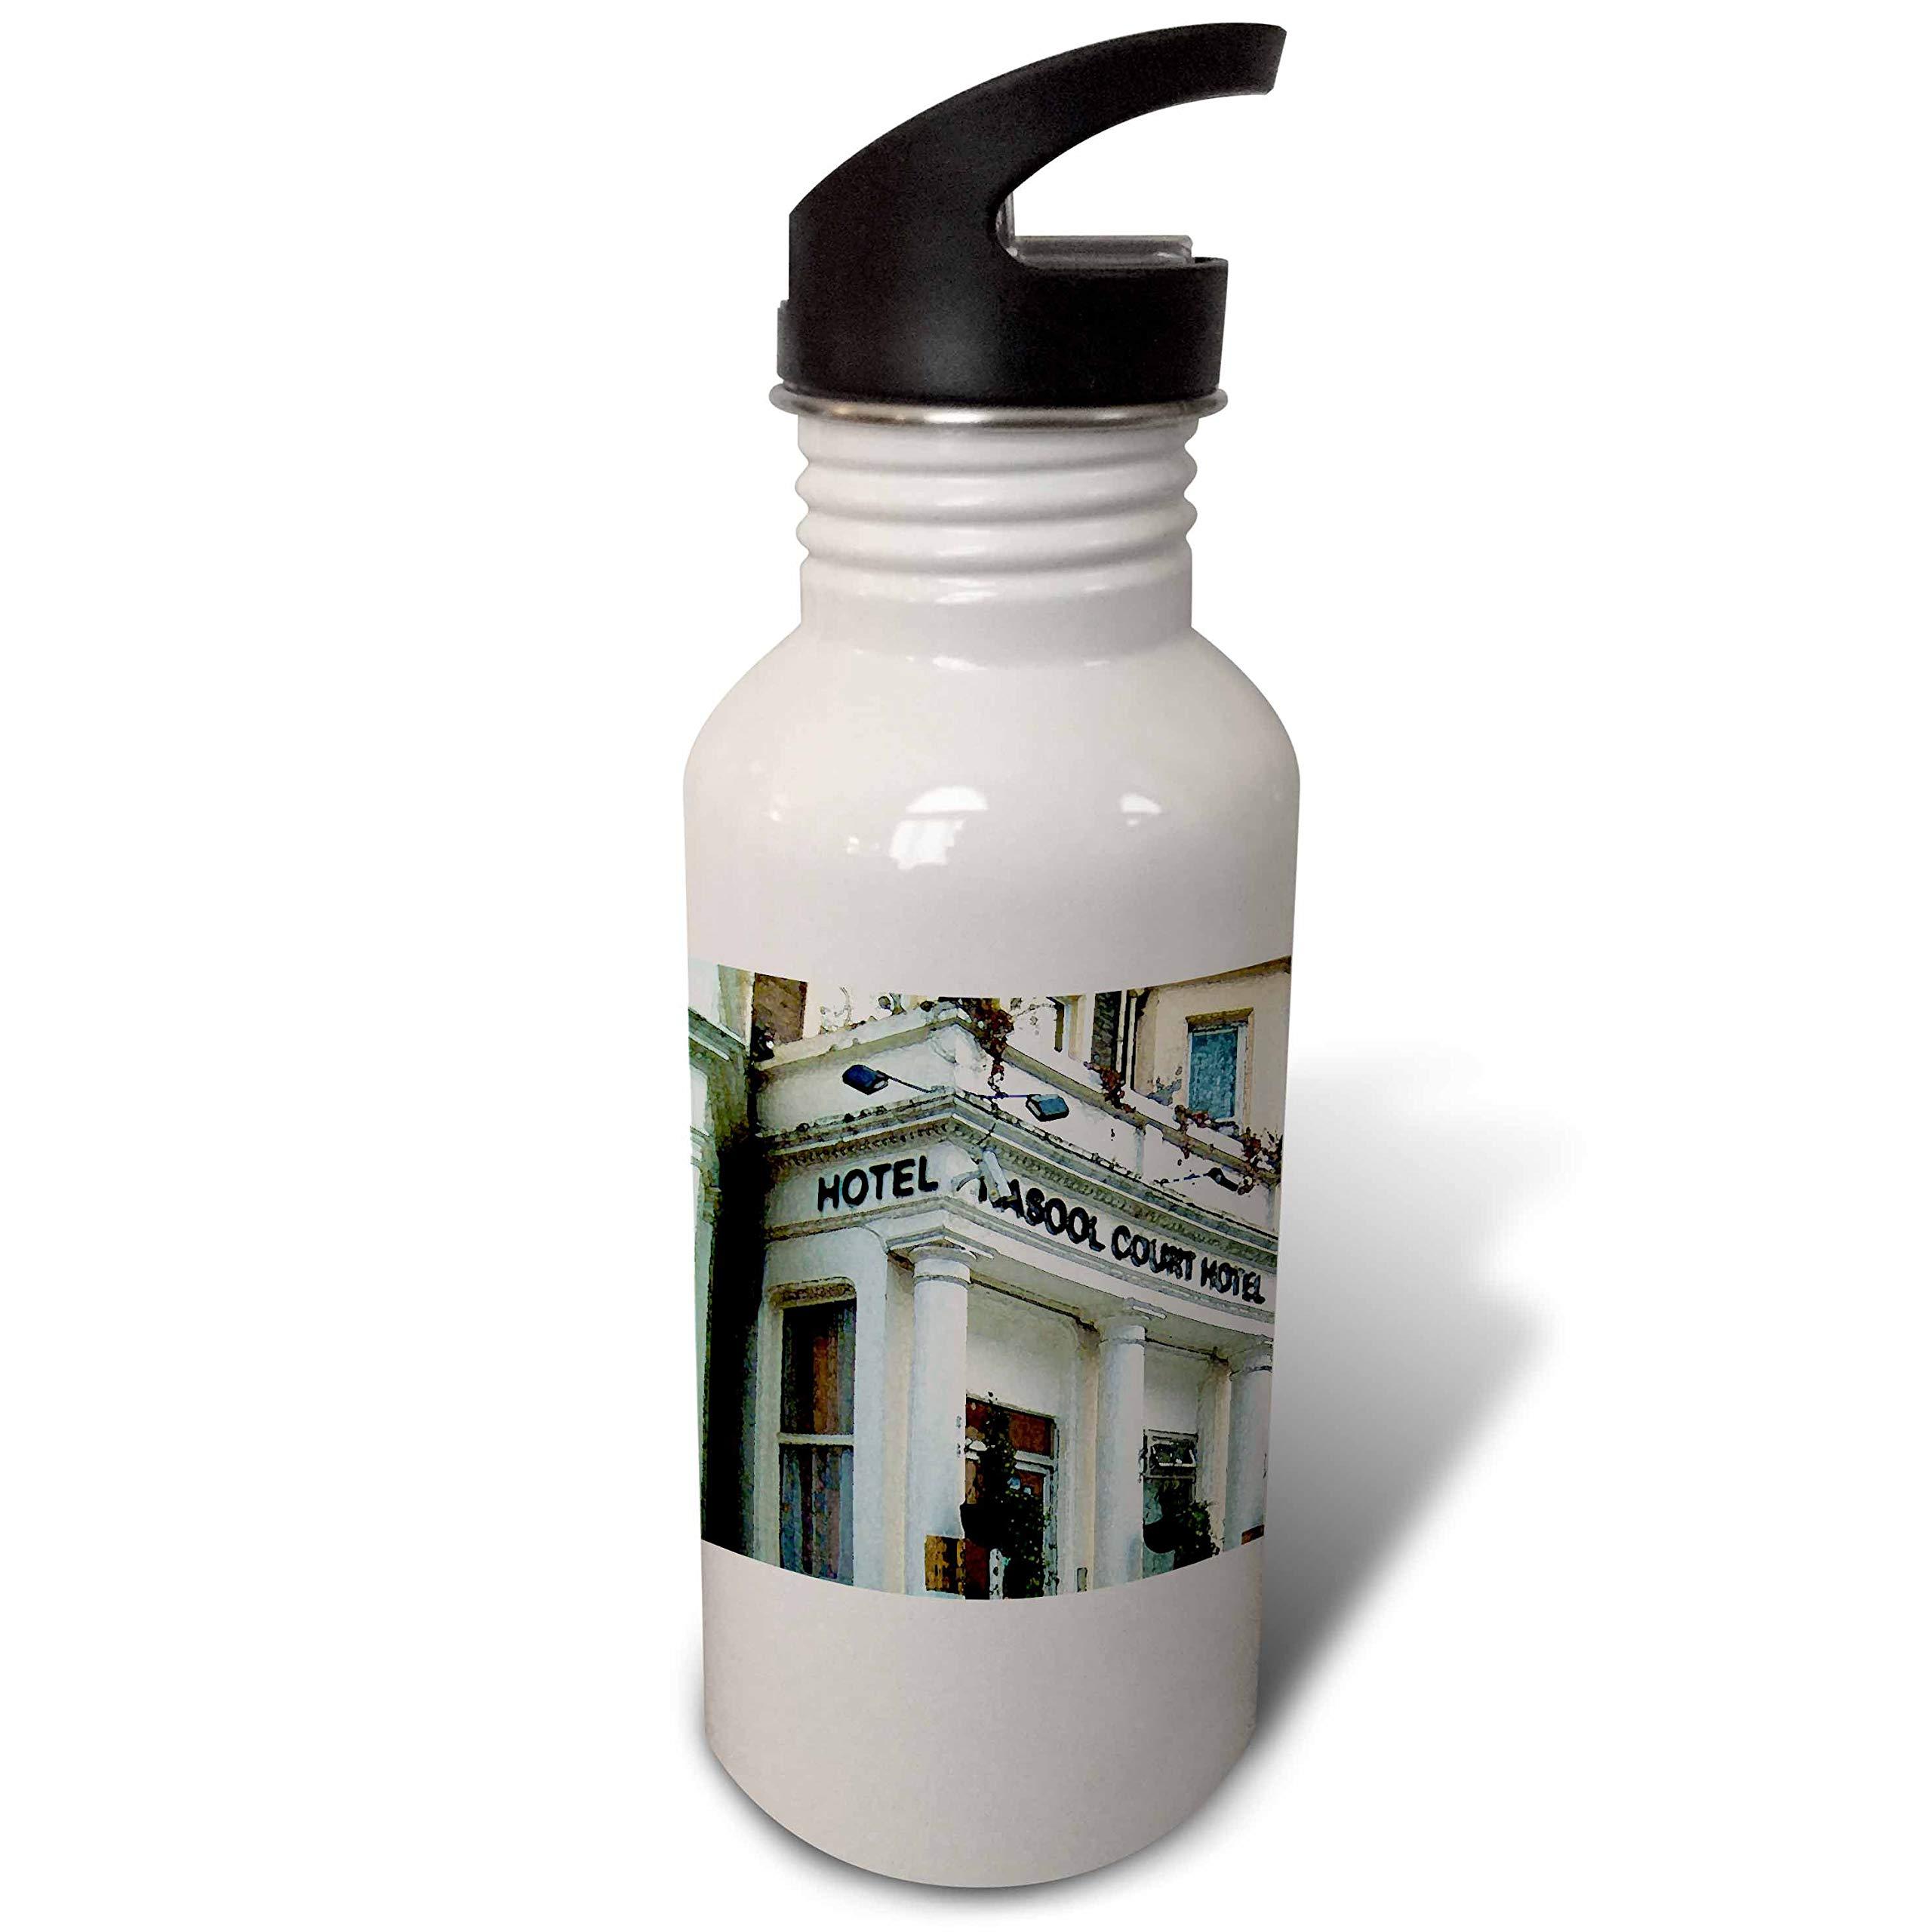 3dRose Jos Fauxtographee- London Watercolor Hotel - The Rasool Hotel in London Done in a Watercolor Effect - Flip Straw 21oz Water Bottle (wb_291340_2)